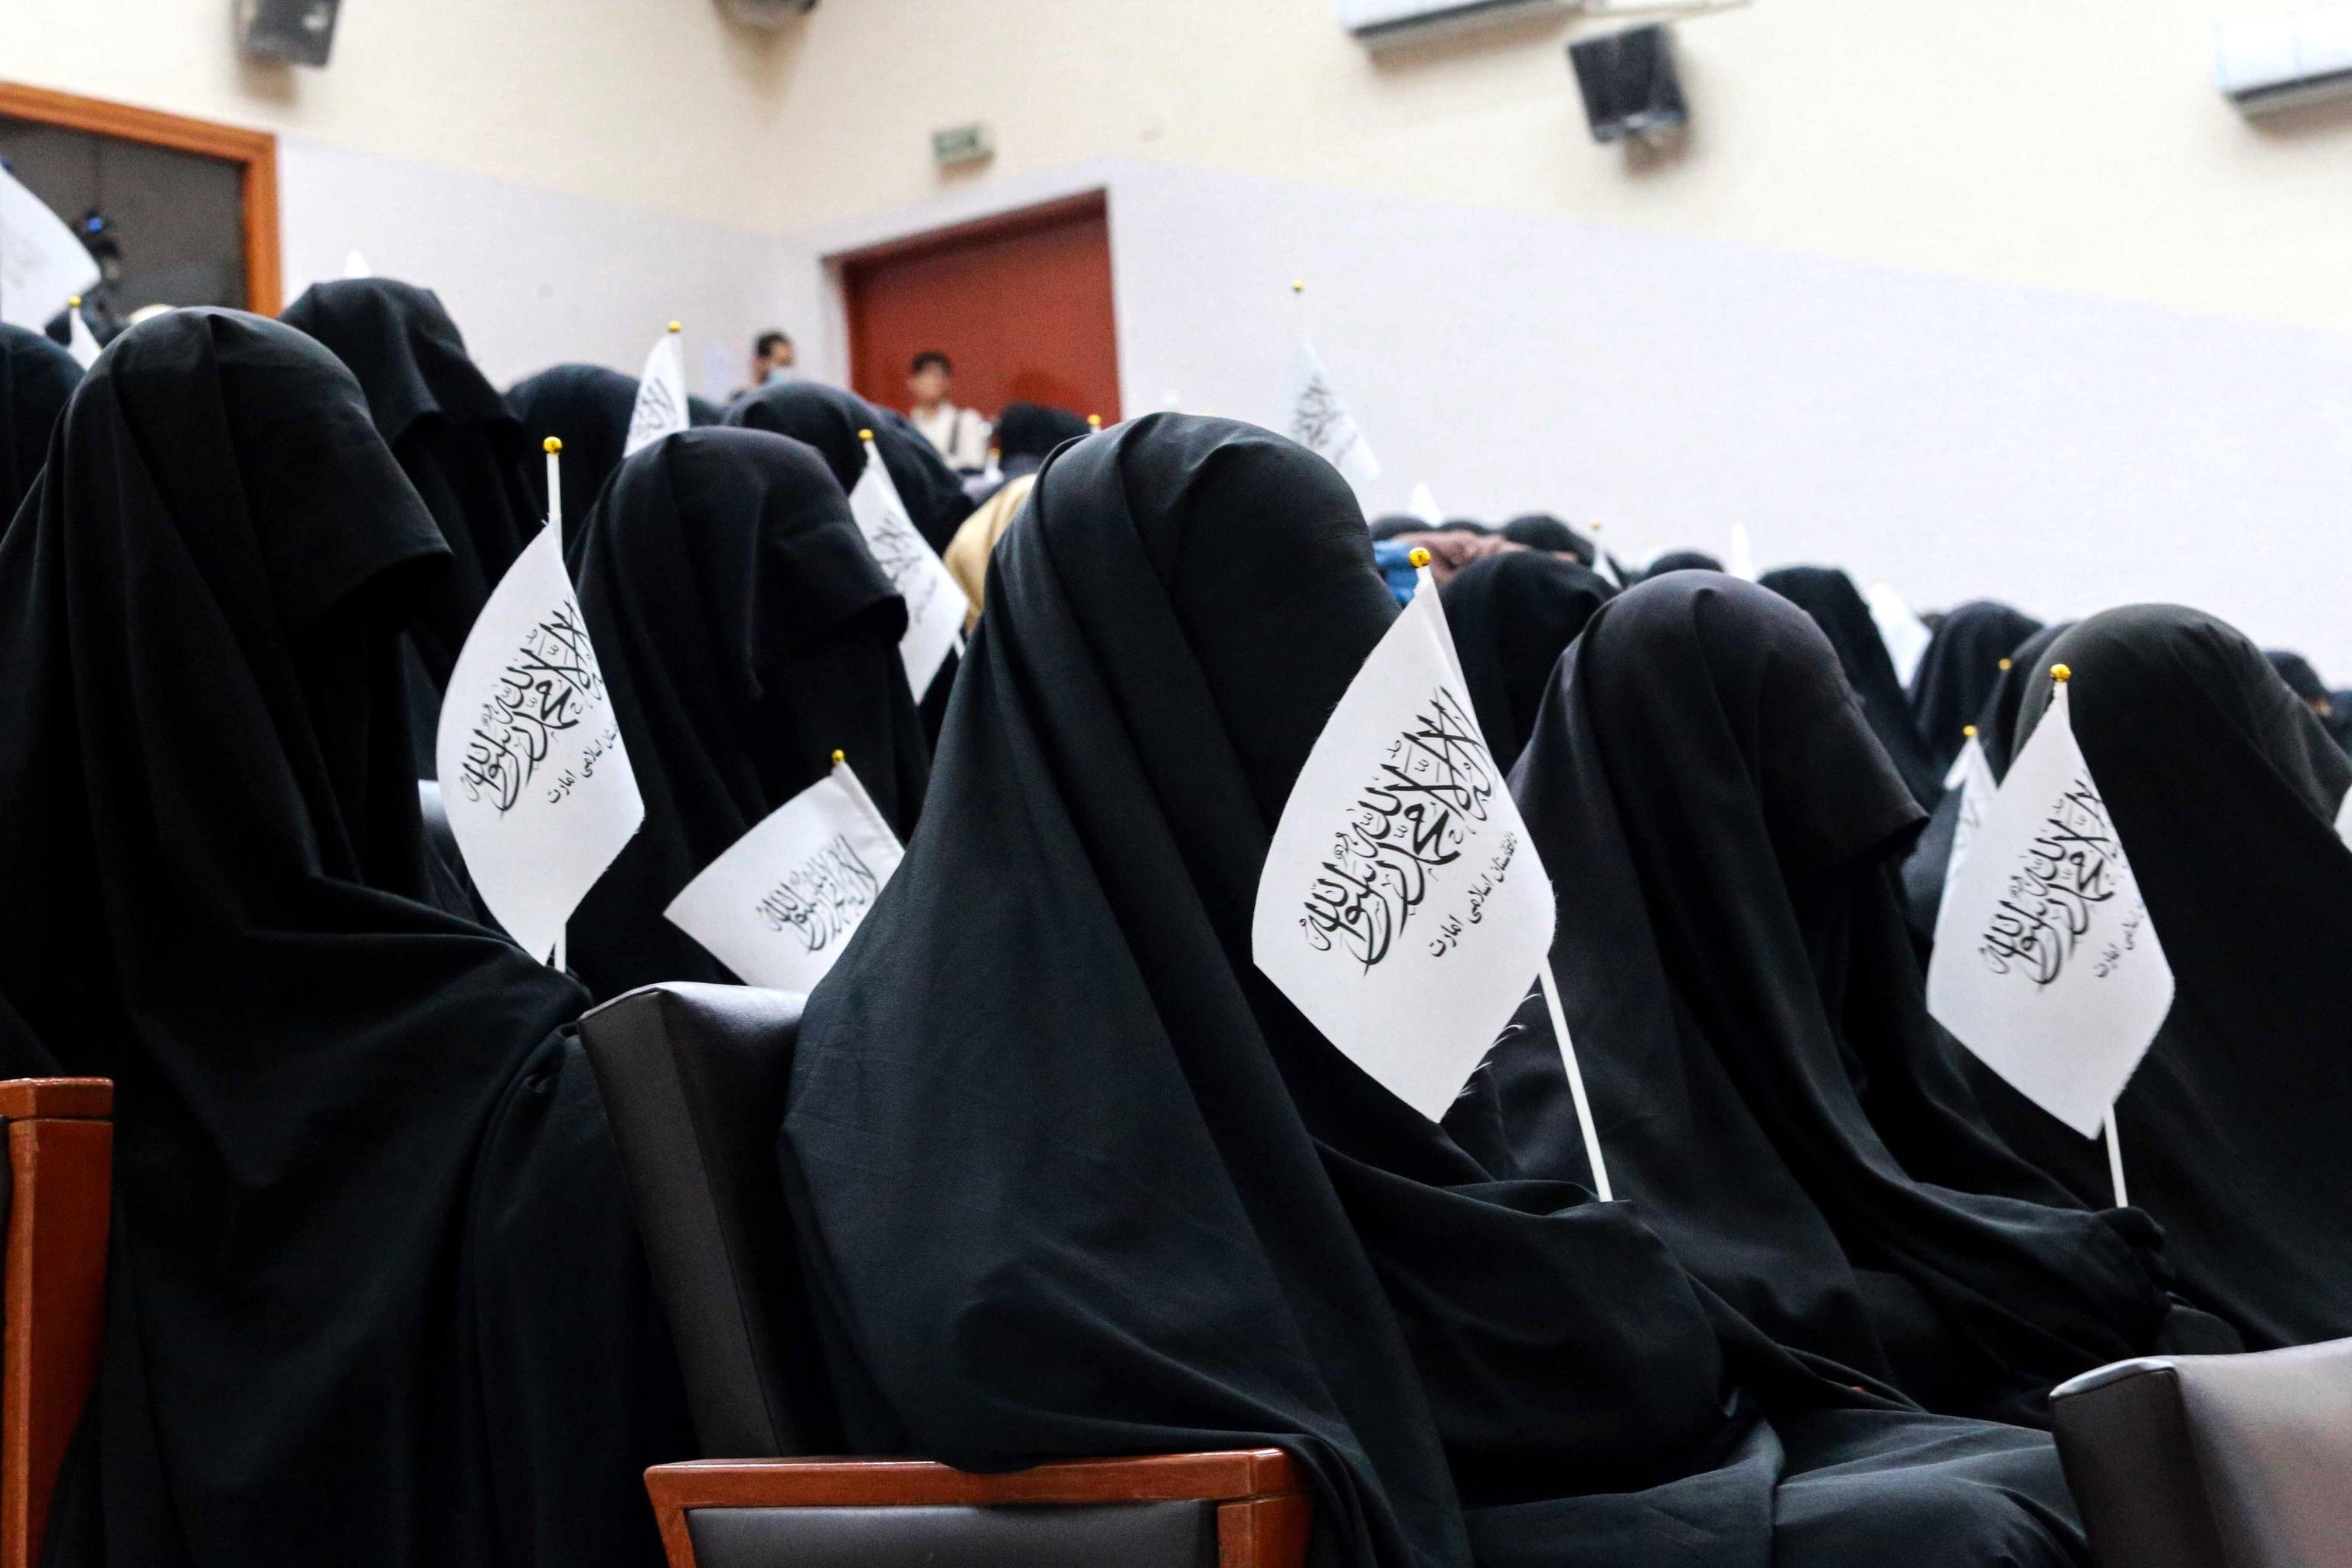 دانشجویان افغان قبل از گردهم آمدن به سخنرانان گوش می دهند